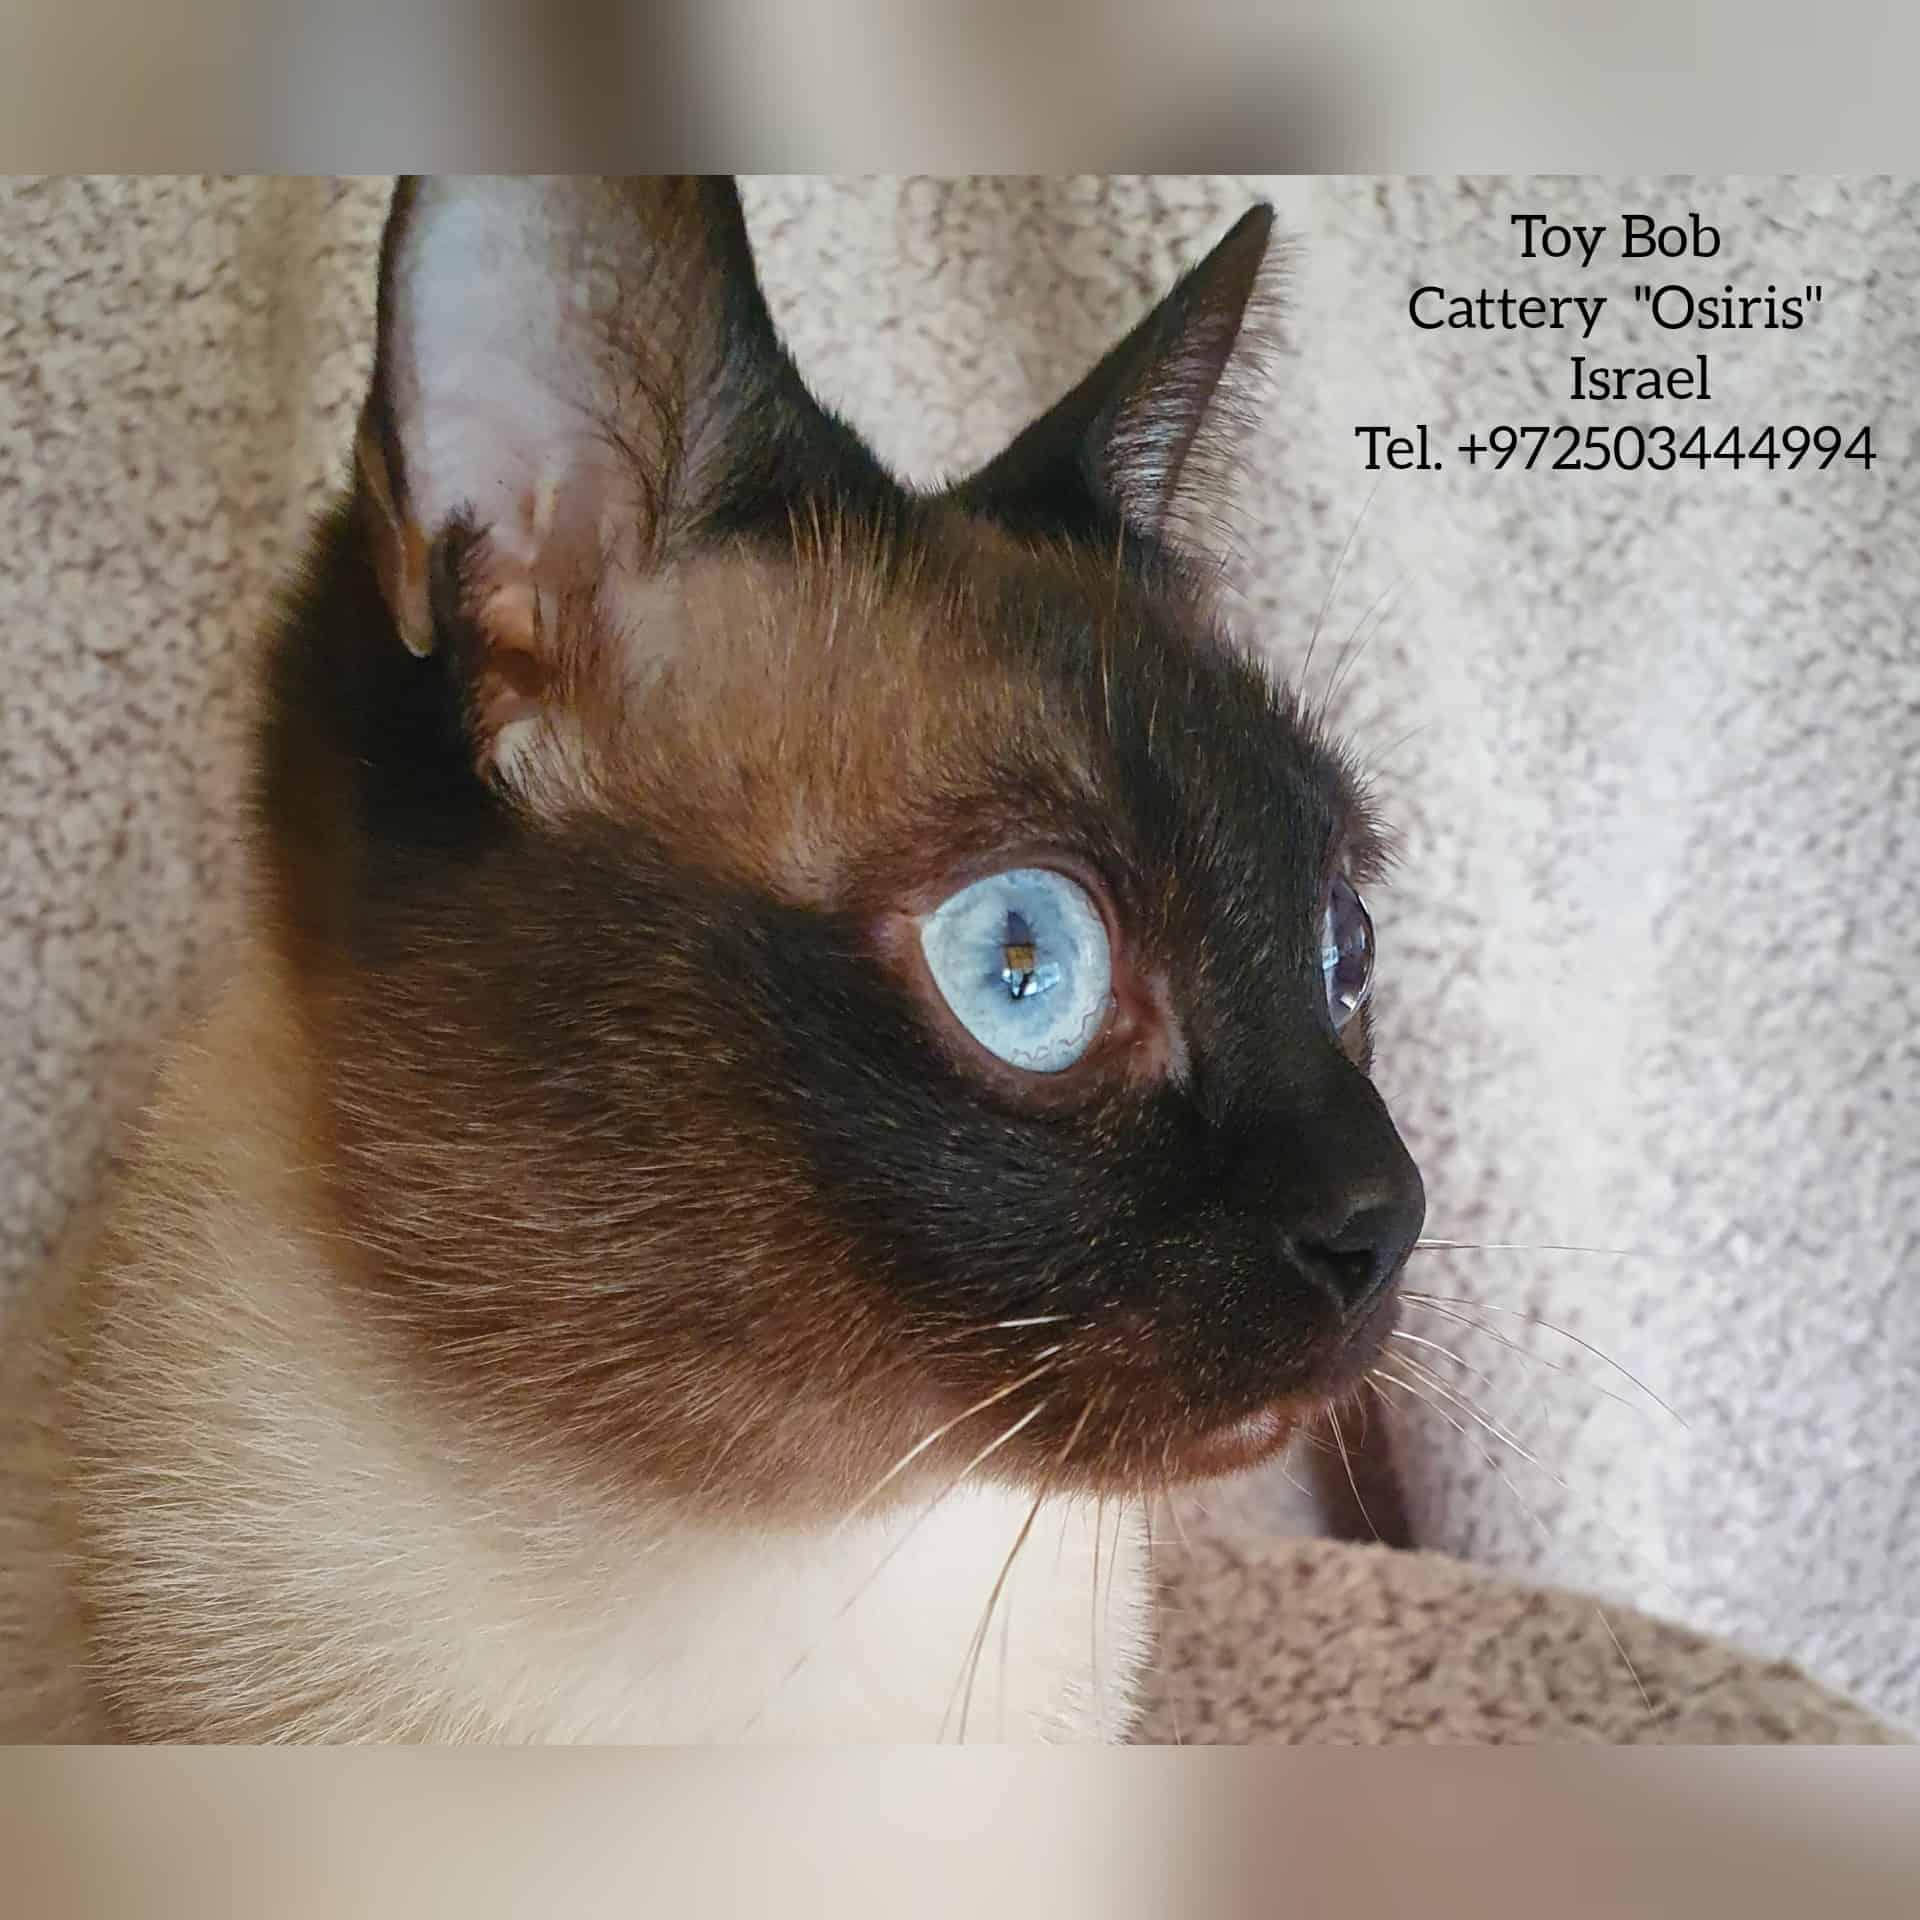 בית גידול לחתולי טוי בוב – Osiris